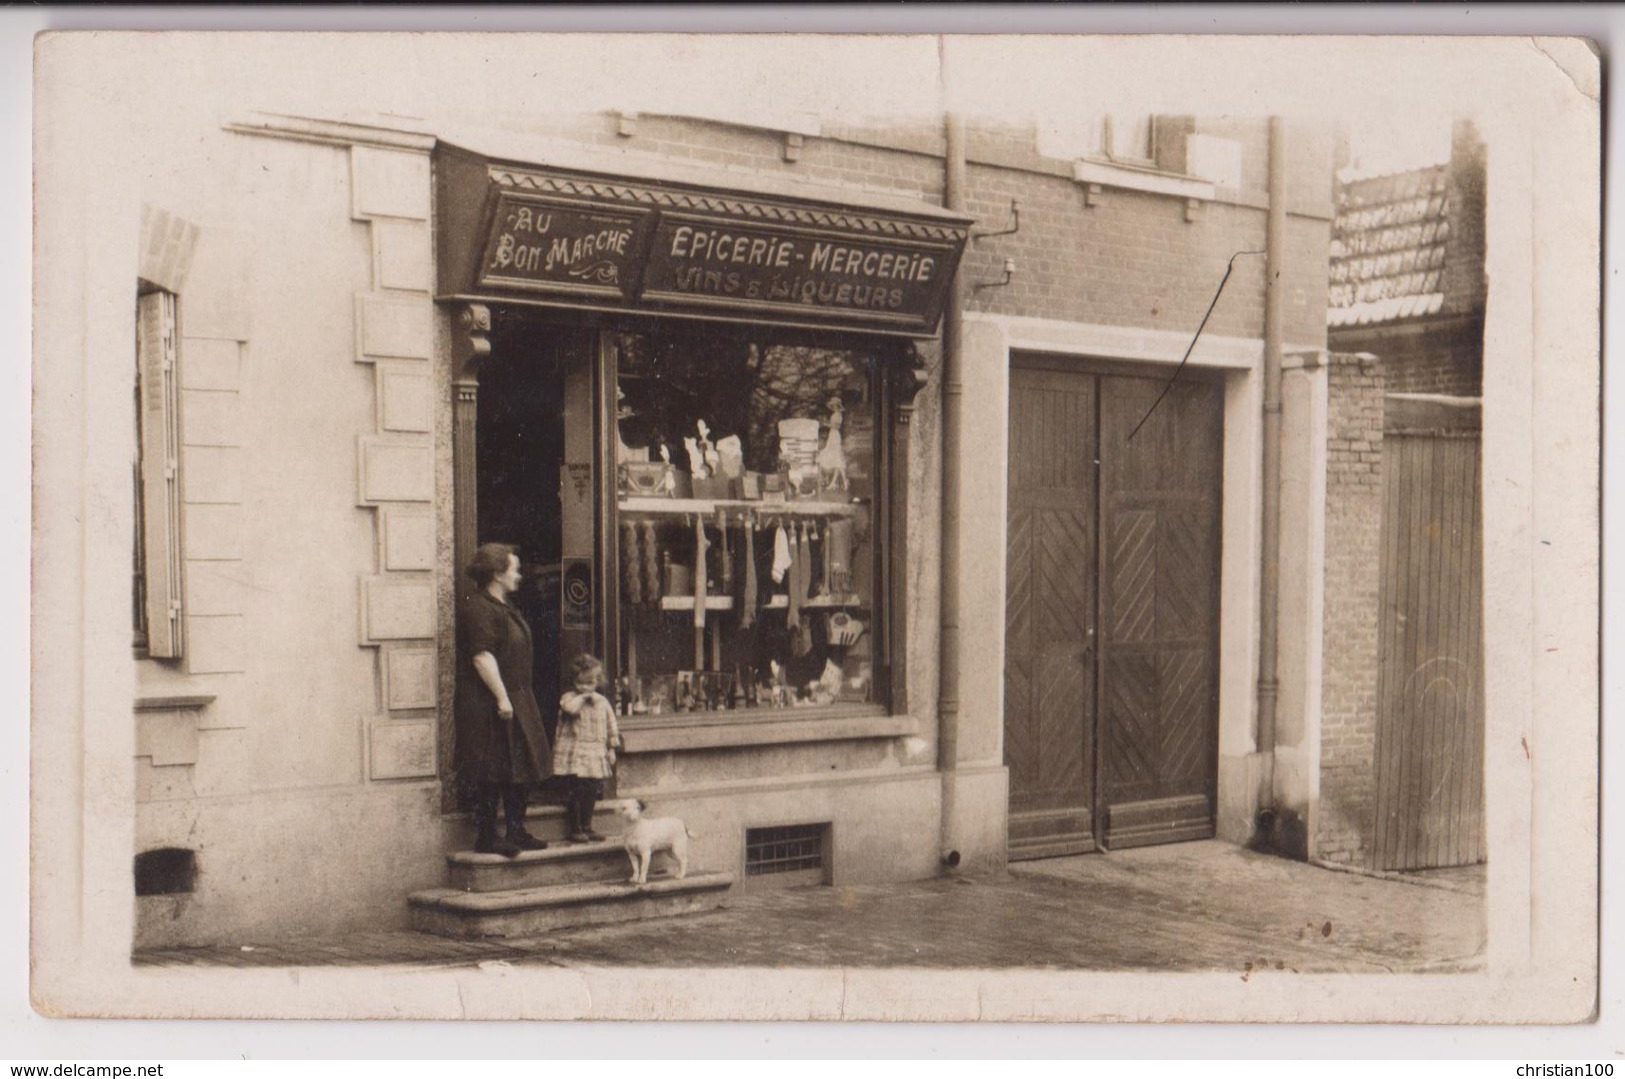 CARTE PHOTO D'UNE EPICERIE MERCERIE - AU BON MARCHE -  VINS & LIQUEURS - BRUAY ( PAS DE CALAIS ) ? -z 2 SCANS Z- - Postales